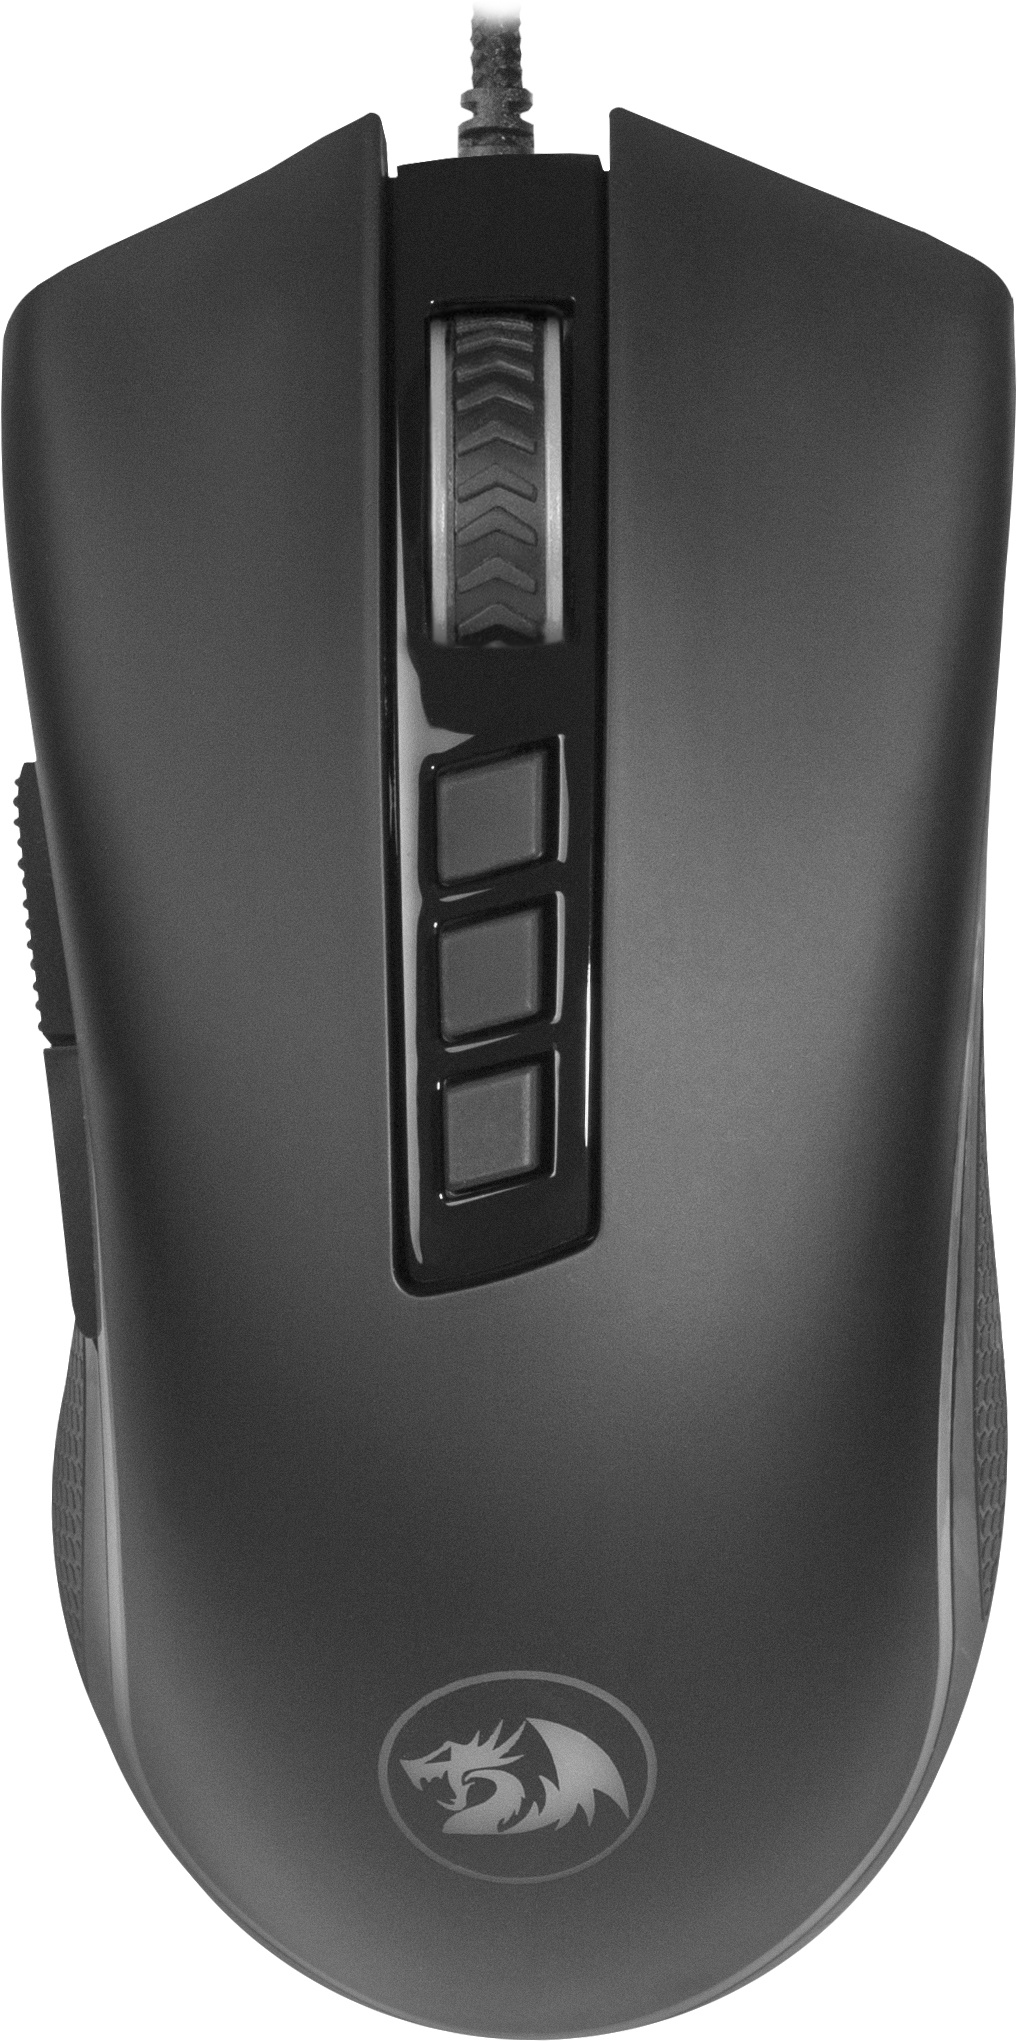 Игровая мышь Redragon Cobra RGB,9 кнопок,10000 dpi, 75054, черный